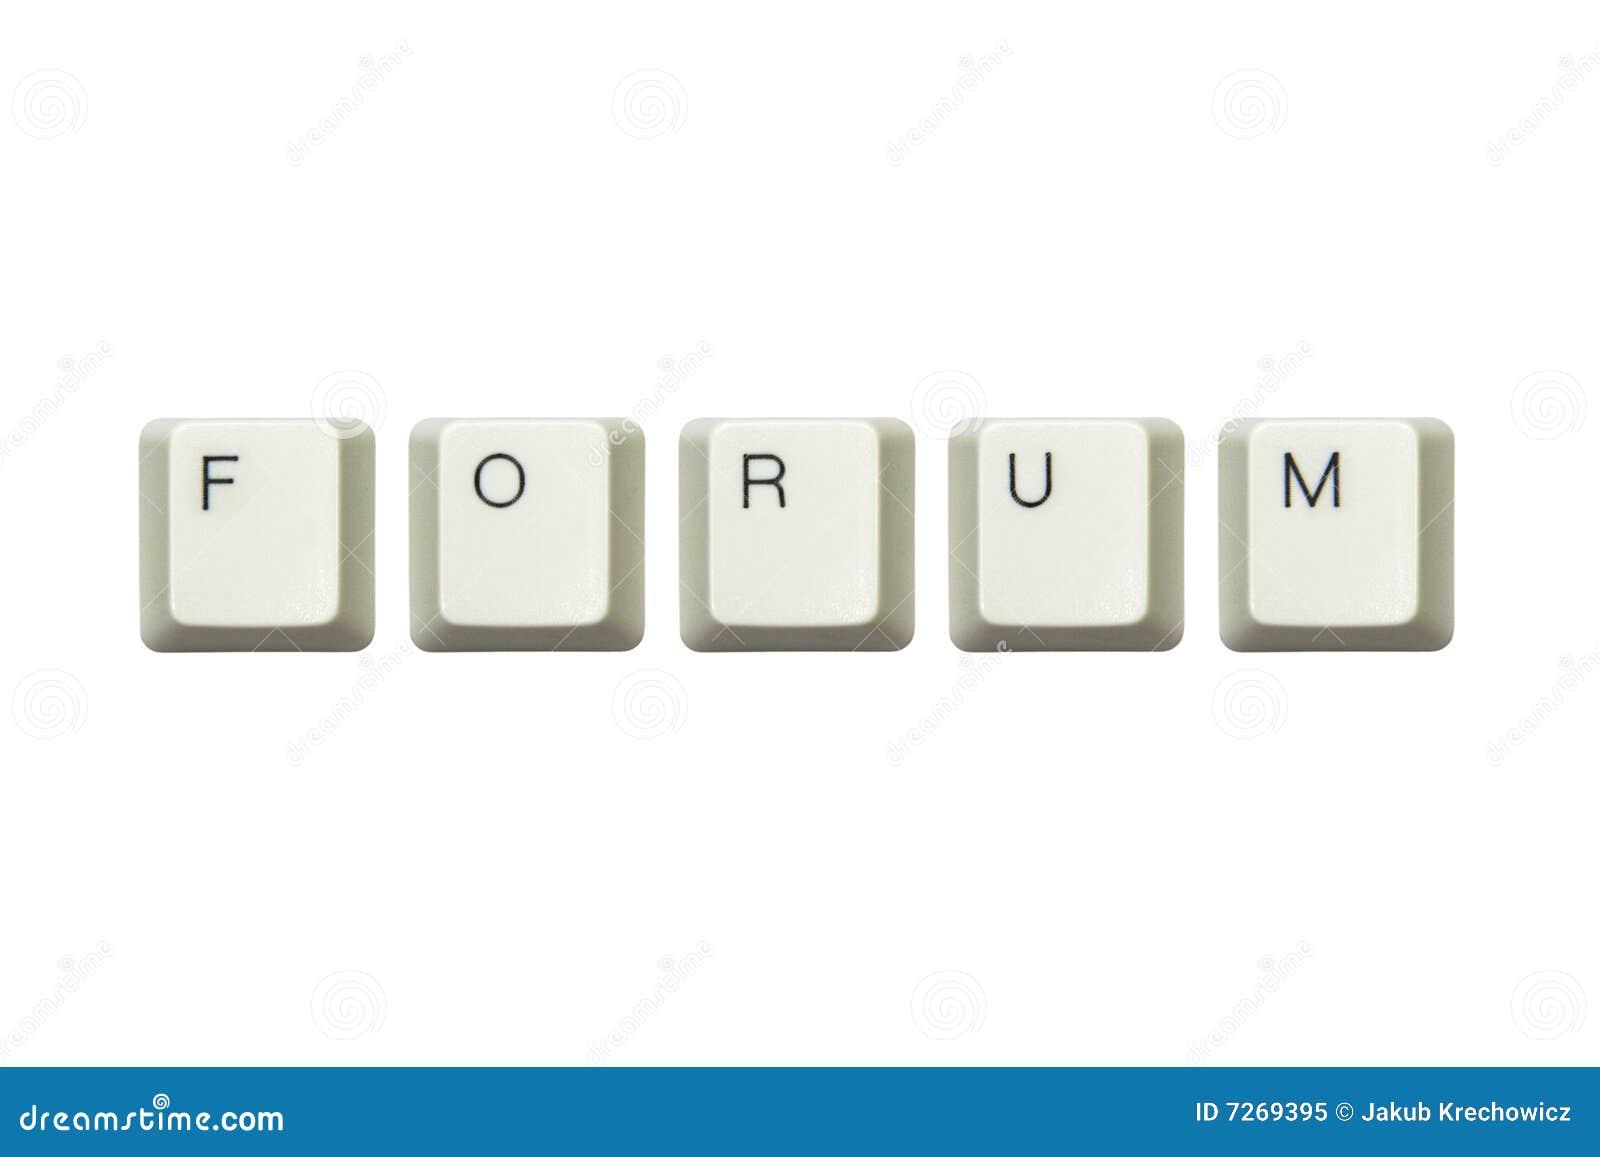 computer forum